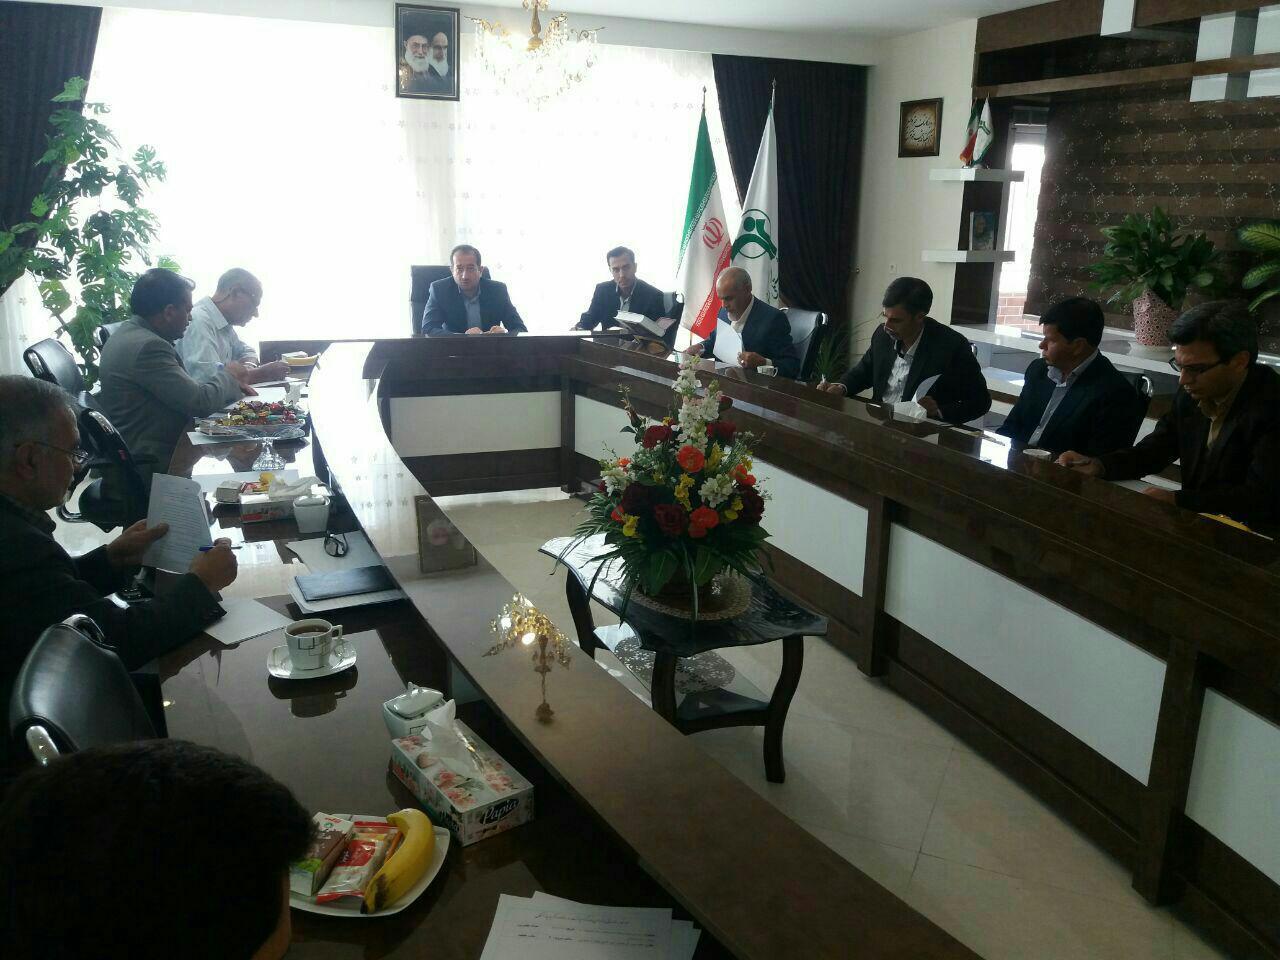 برگزاري سومين جلسه ستاد استاني بزرگداشت روز خانواده و تكريم بازنشستگان